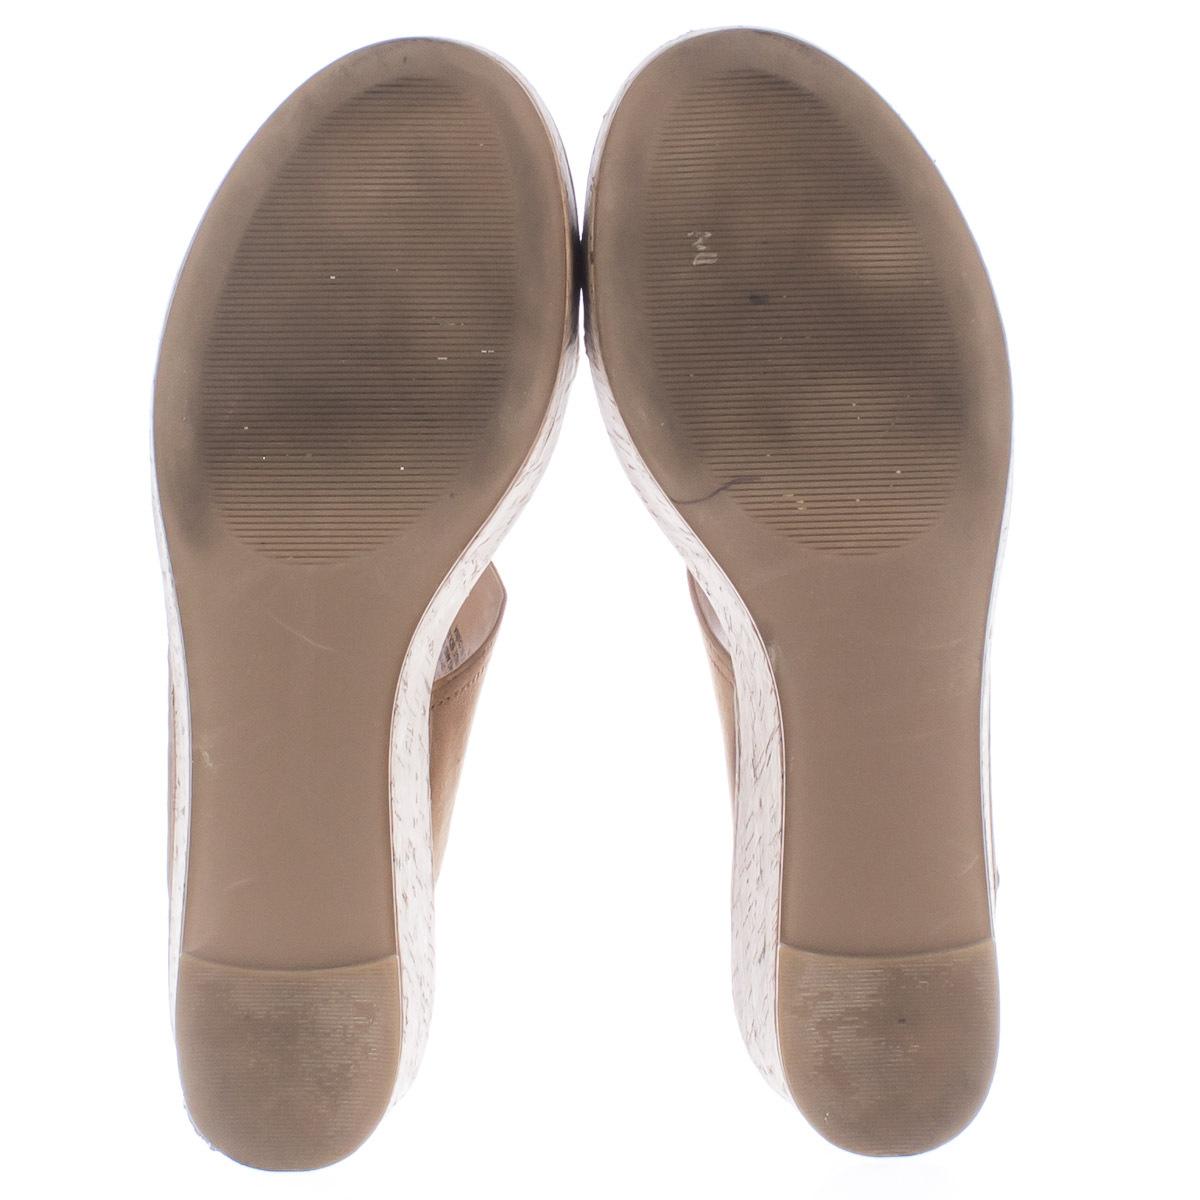 Steve Madden Caytln Platform Wedge Slingback Sandals, Cognac, 10 US Used